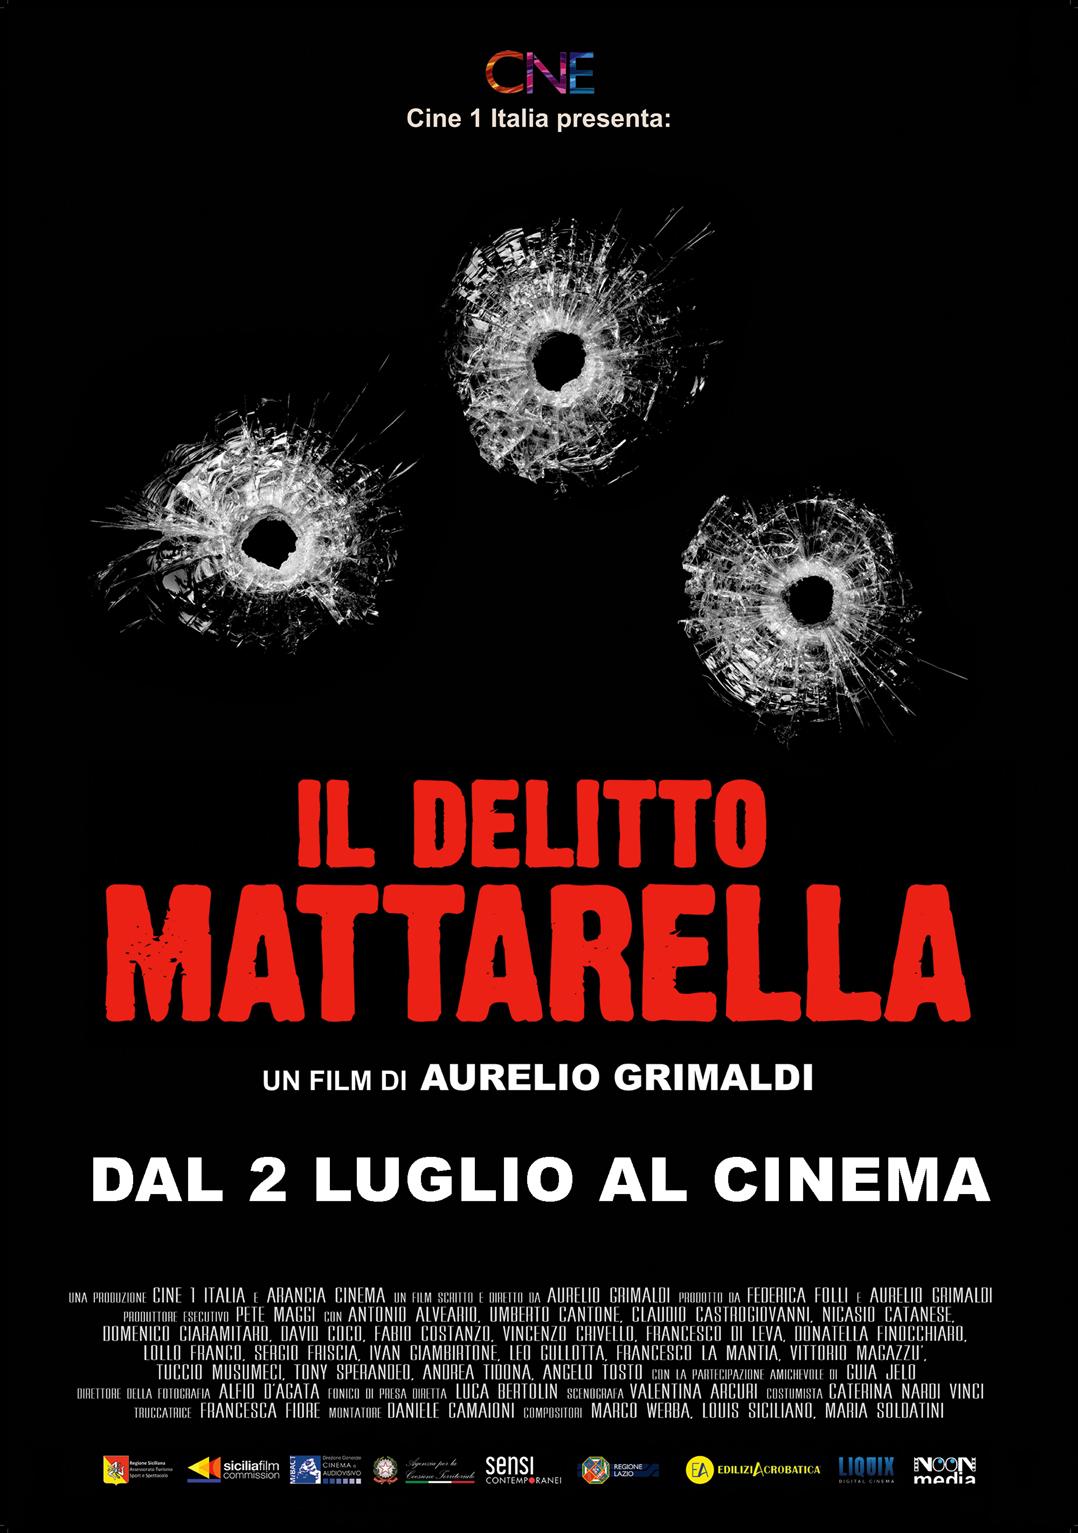 poster2luglio_DELITTO_MATTARELLA